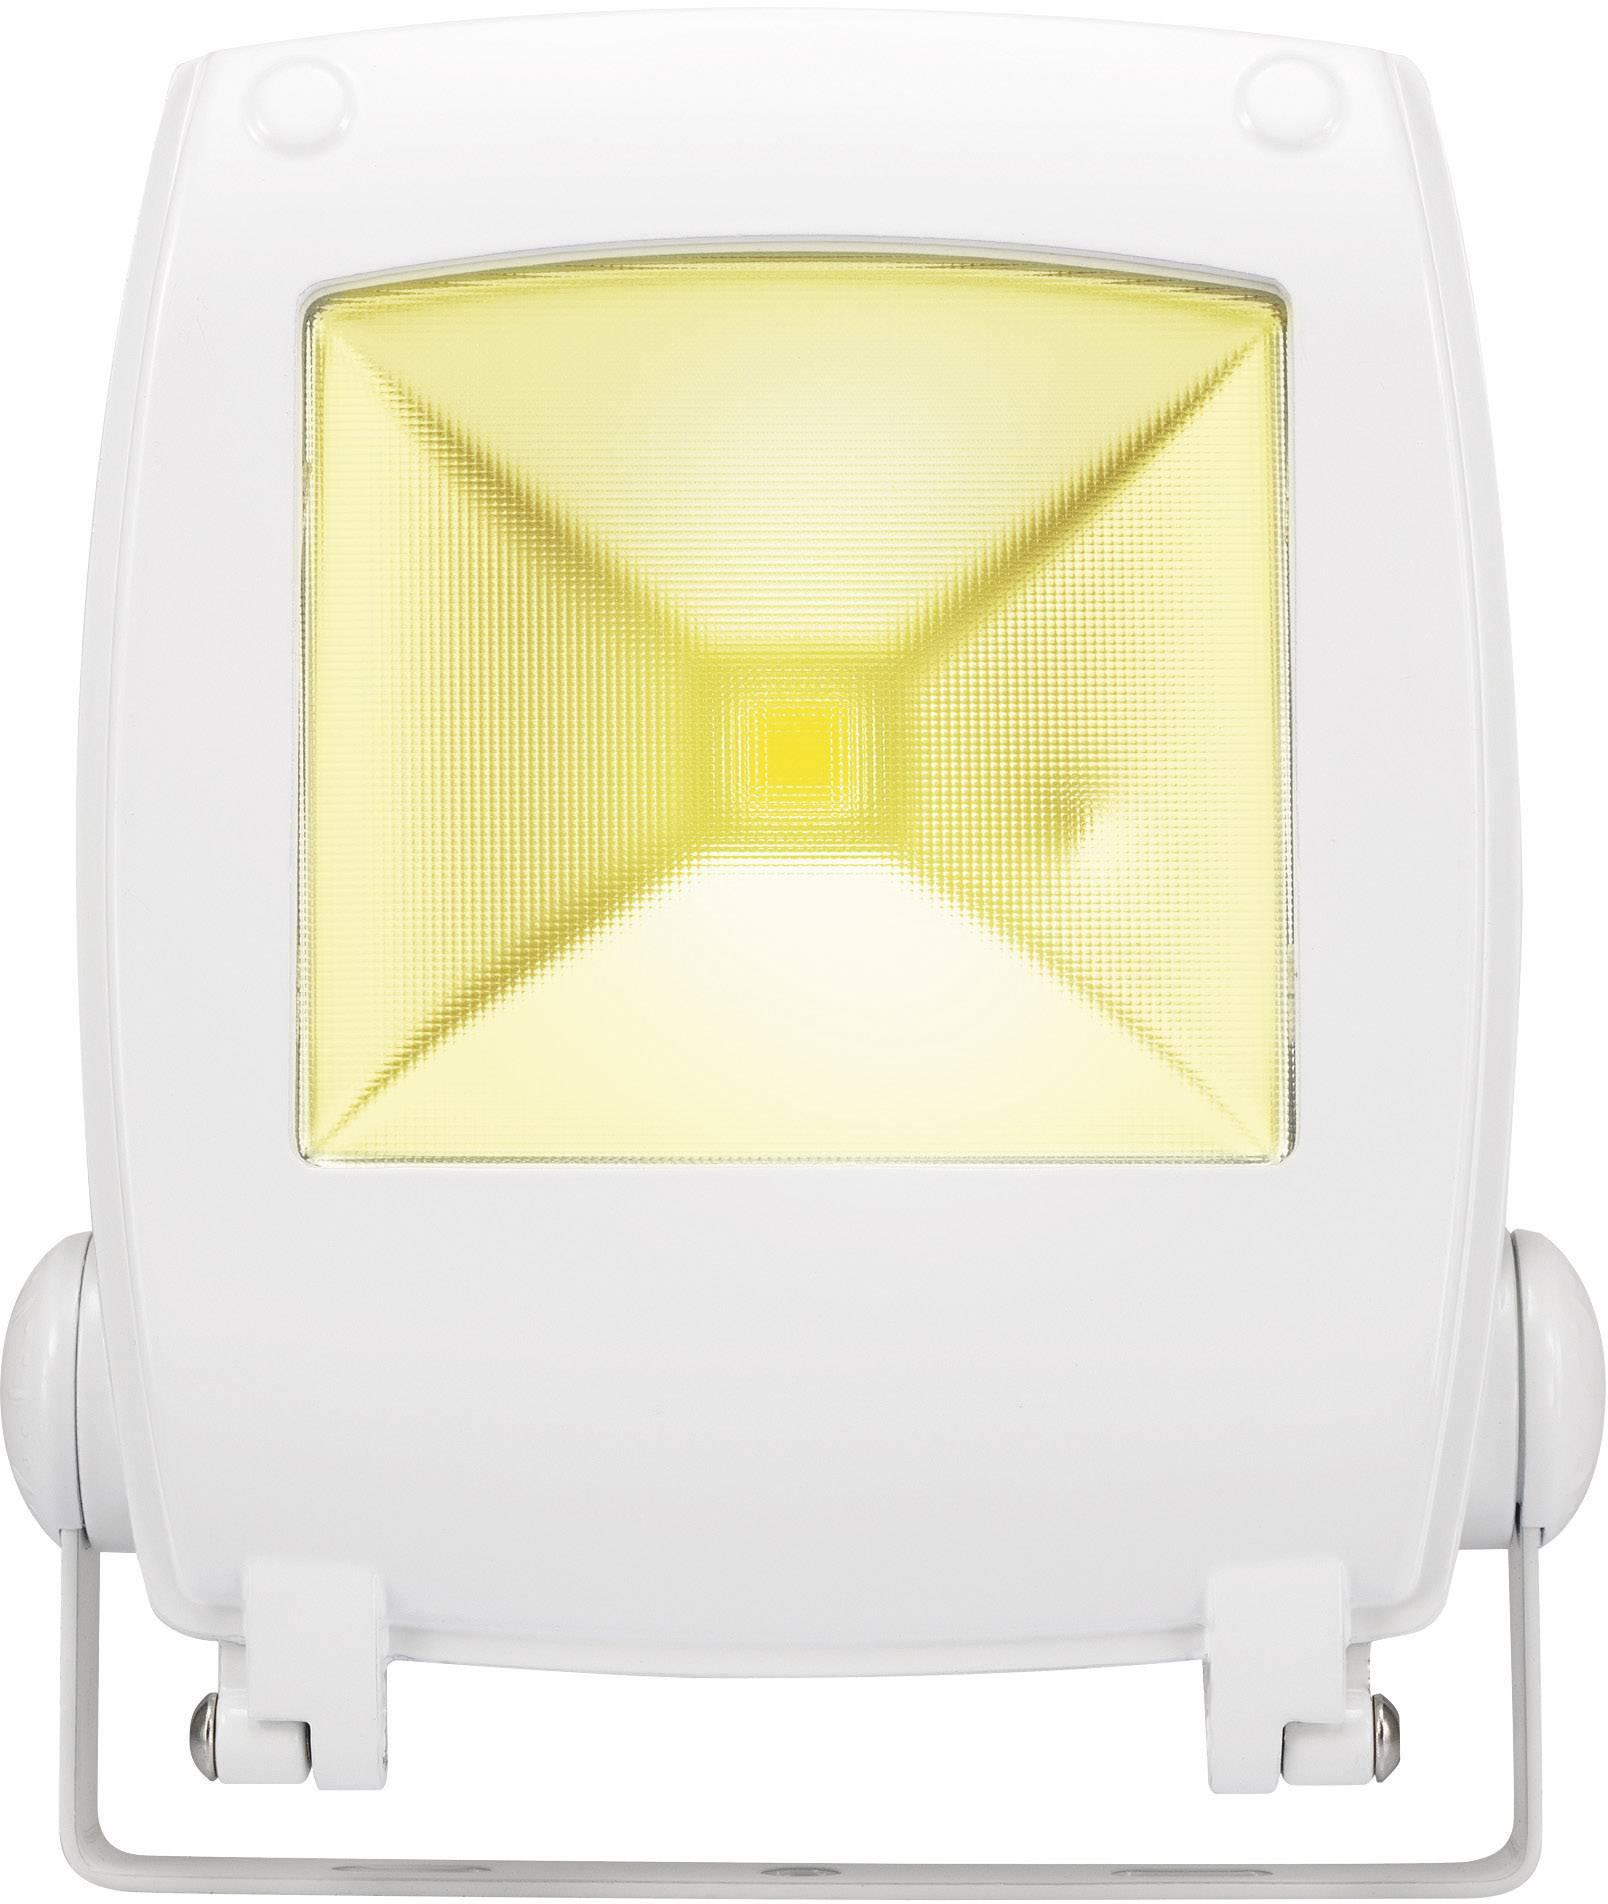 LEDvonkajšieosvetlenie Renkforce SPC10H2 KW, 10 W, chladná biela, biela